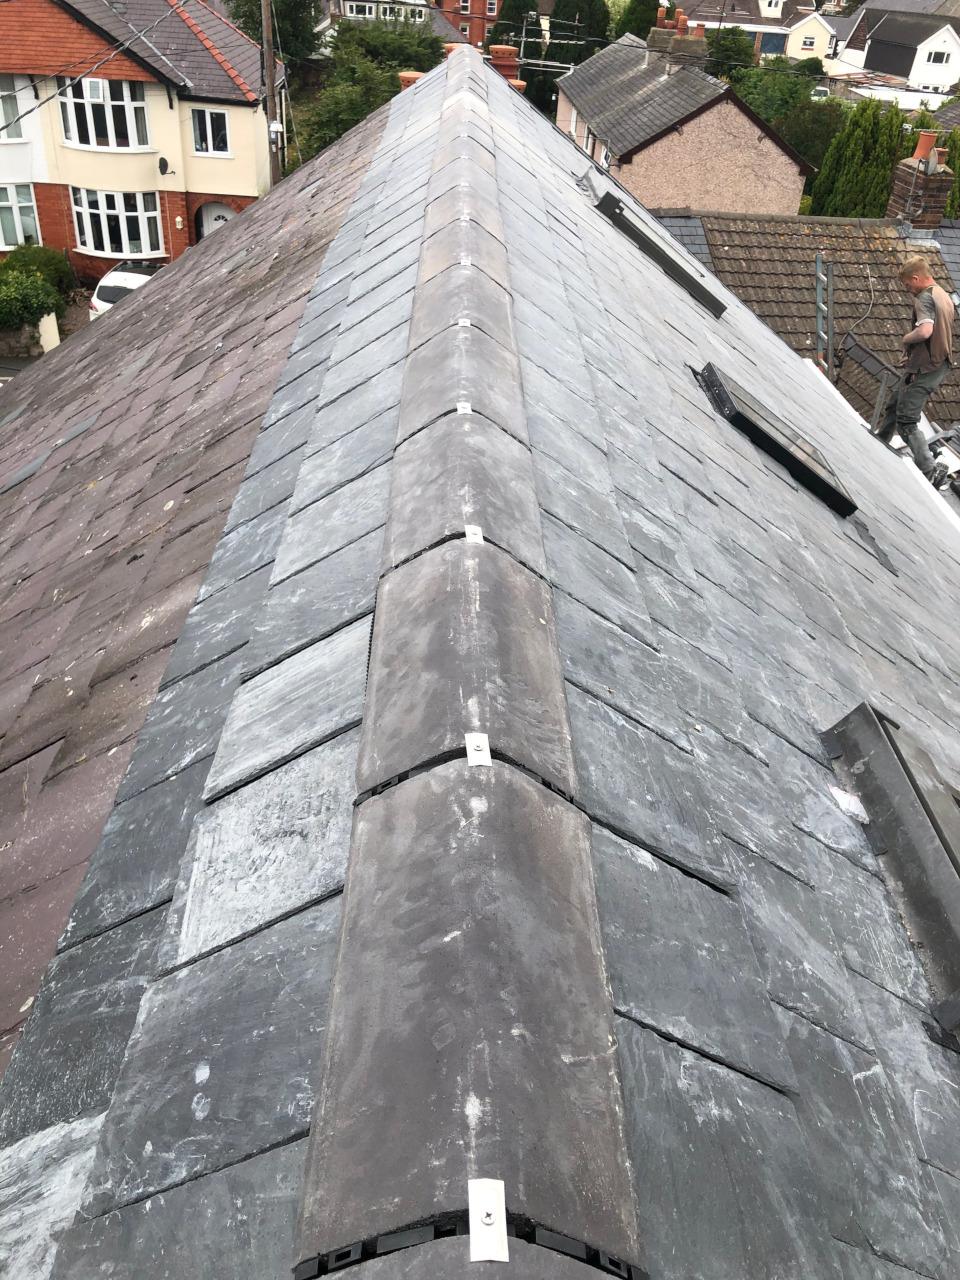 Mechanically fixed ridge tiles.